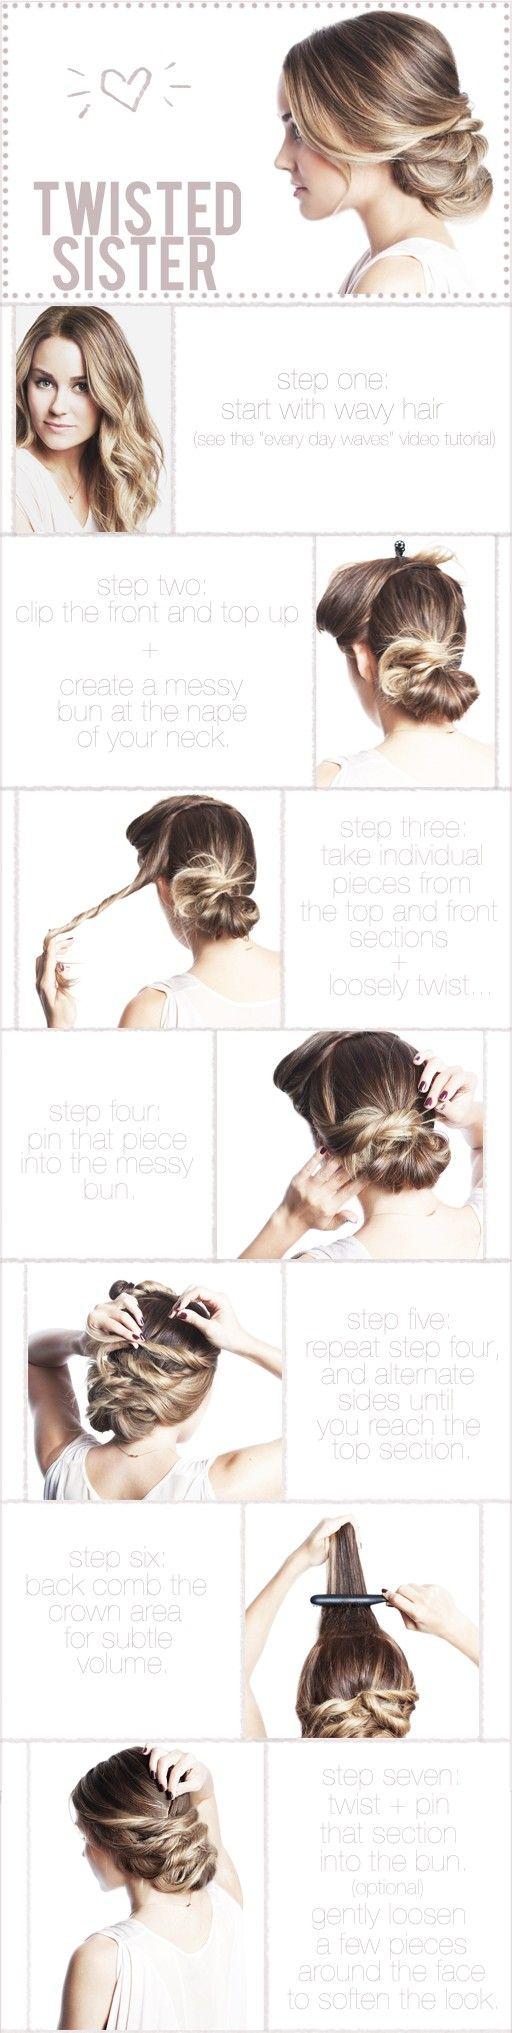 hair-buns-2: Hair Ideas, Hair Tutorials, Long Hair, Hairstyle, Messy Buns, Twists Sisters, Hair Style, Lauren Conrad, Updo